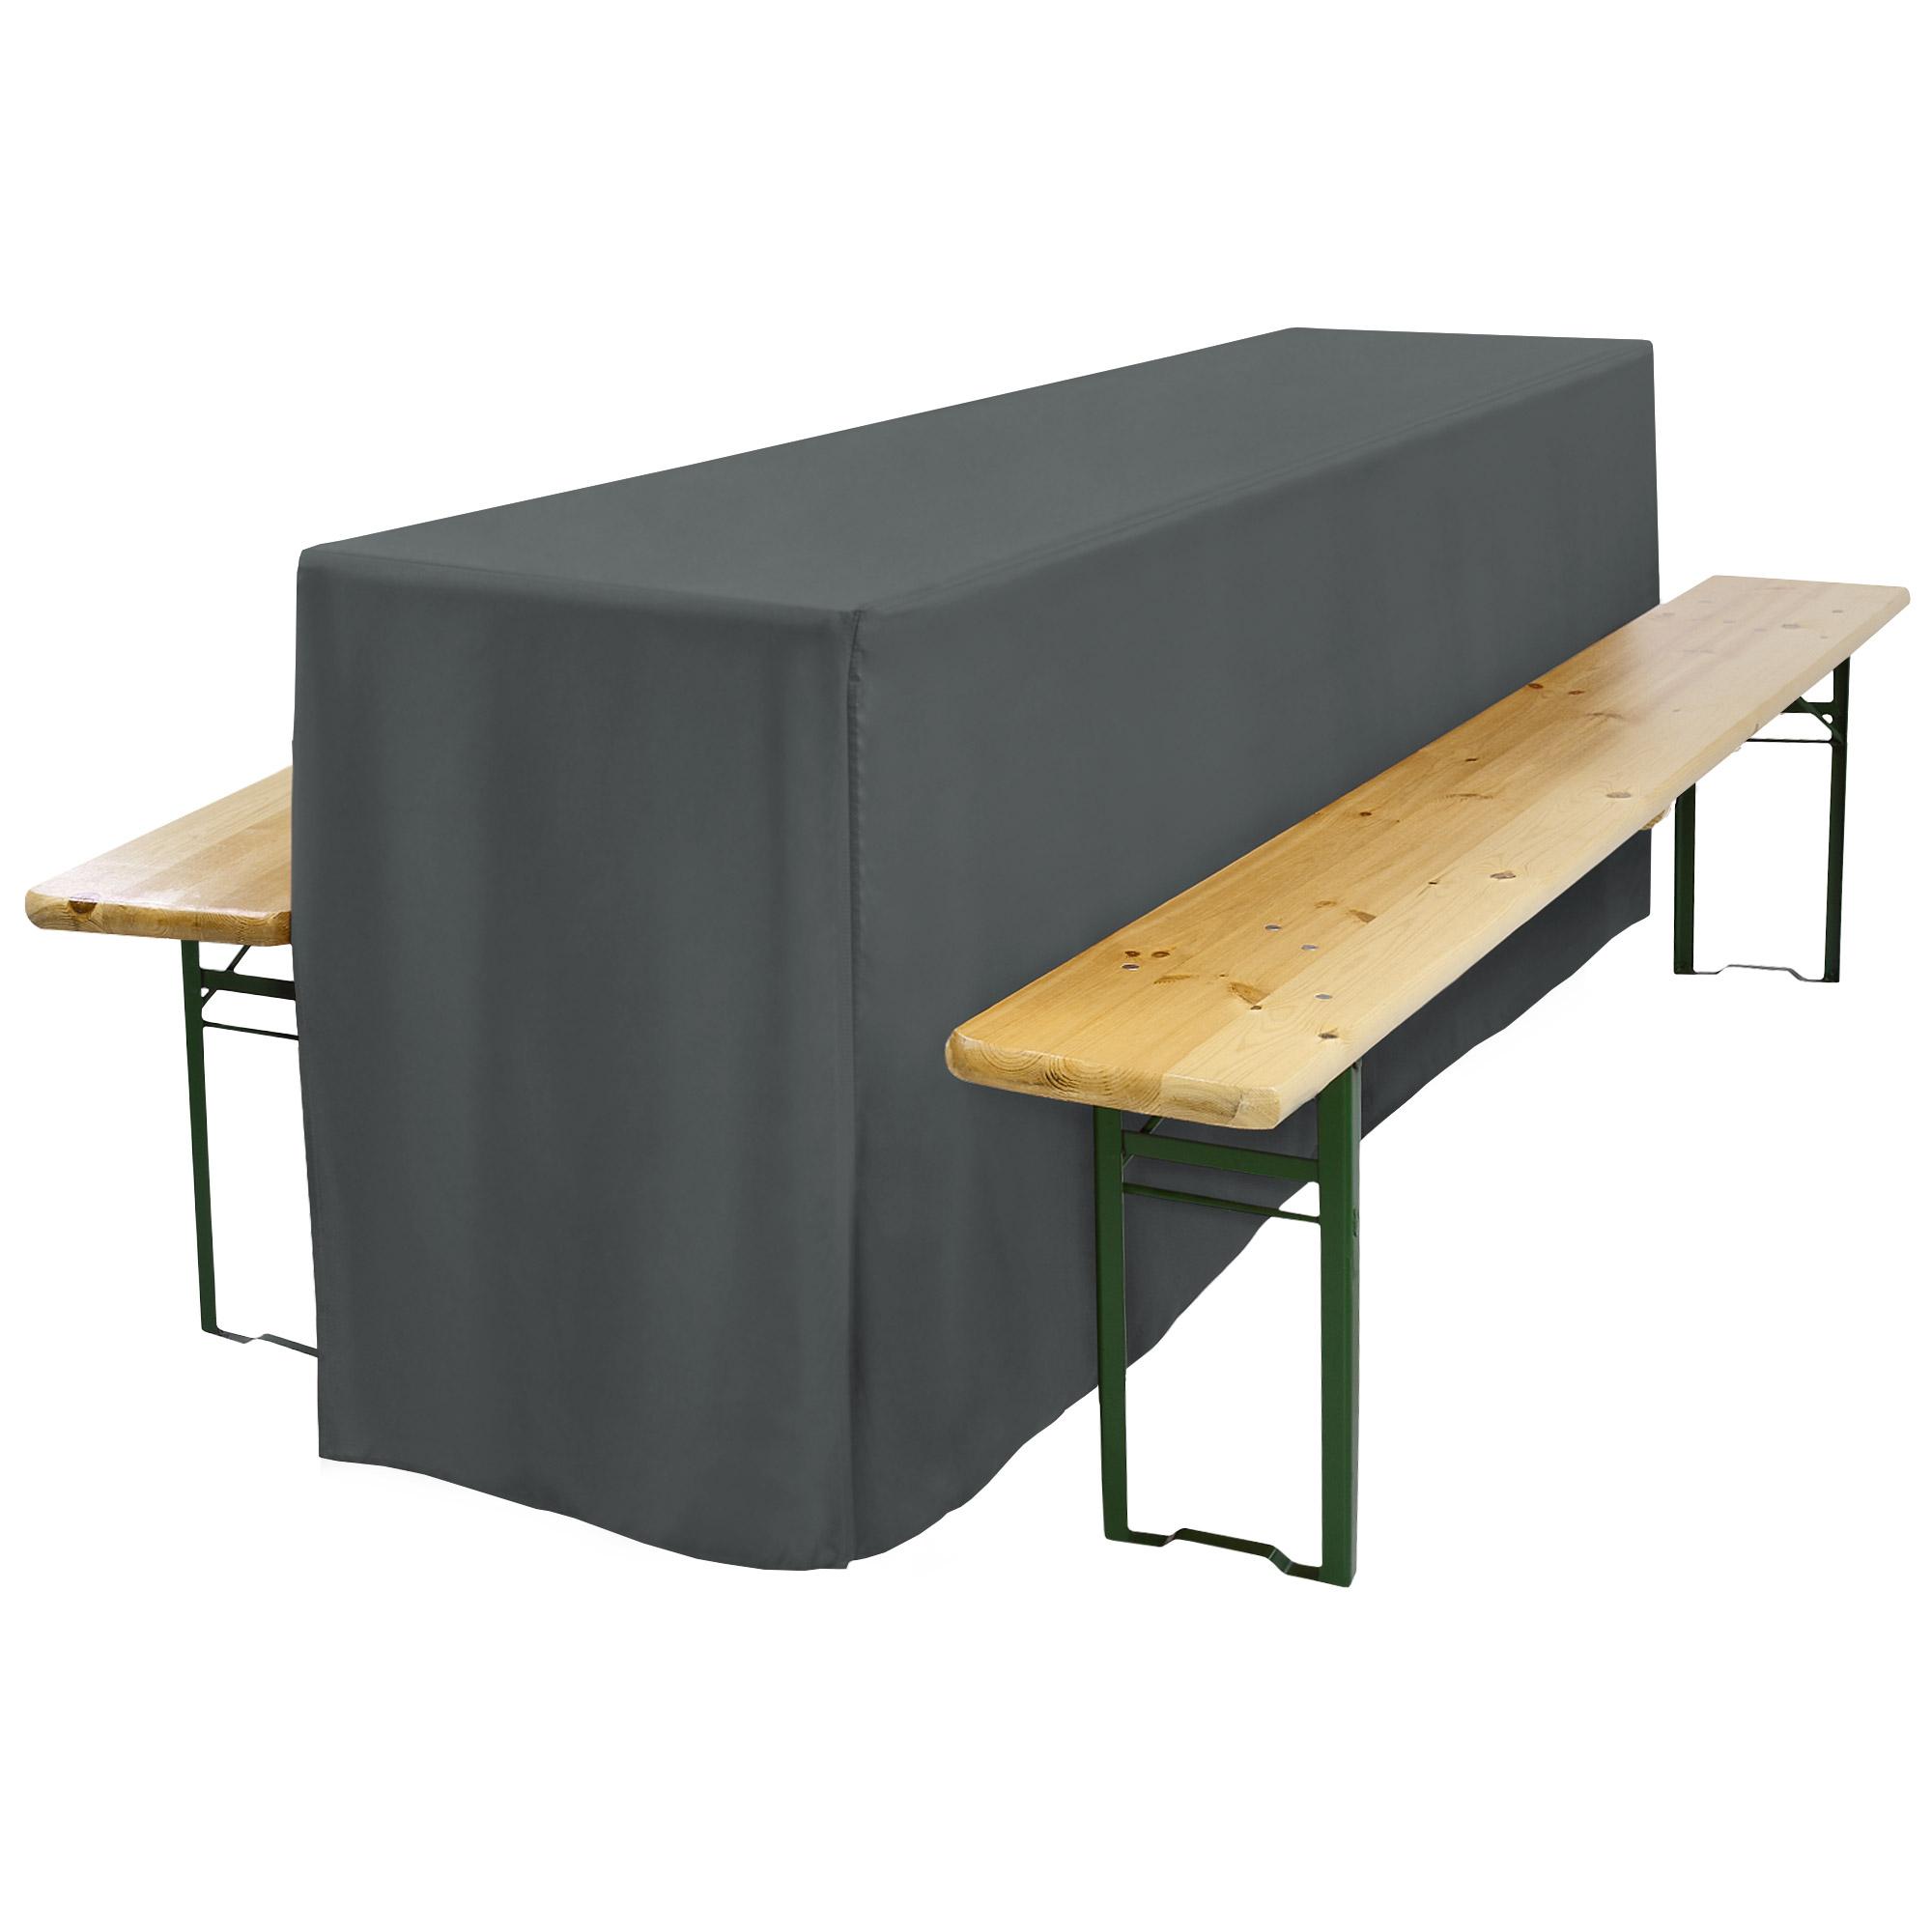 biertischhusse f r festzeltgarnitur 50x220cm lang mit schlitz anthrazit. Black Bedroom Furniture Sets. Home Design Ideas